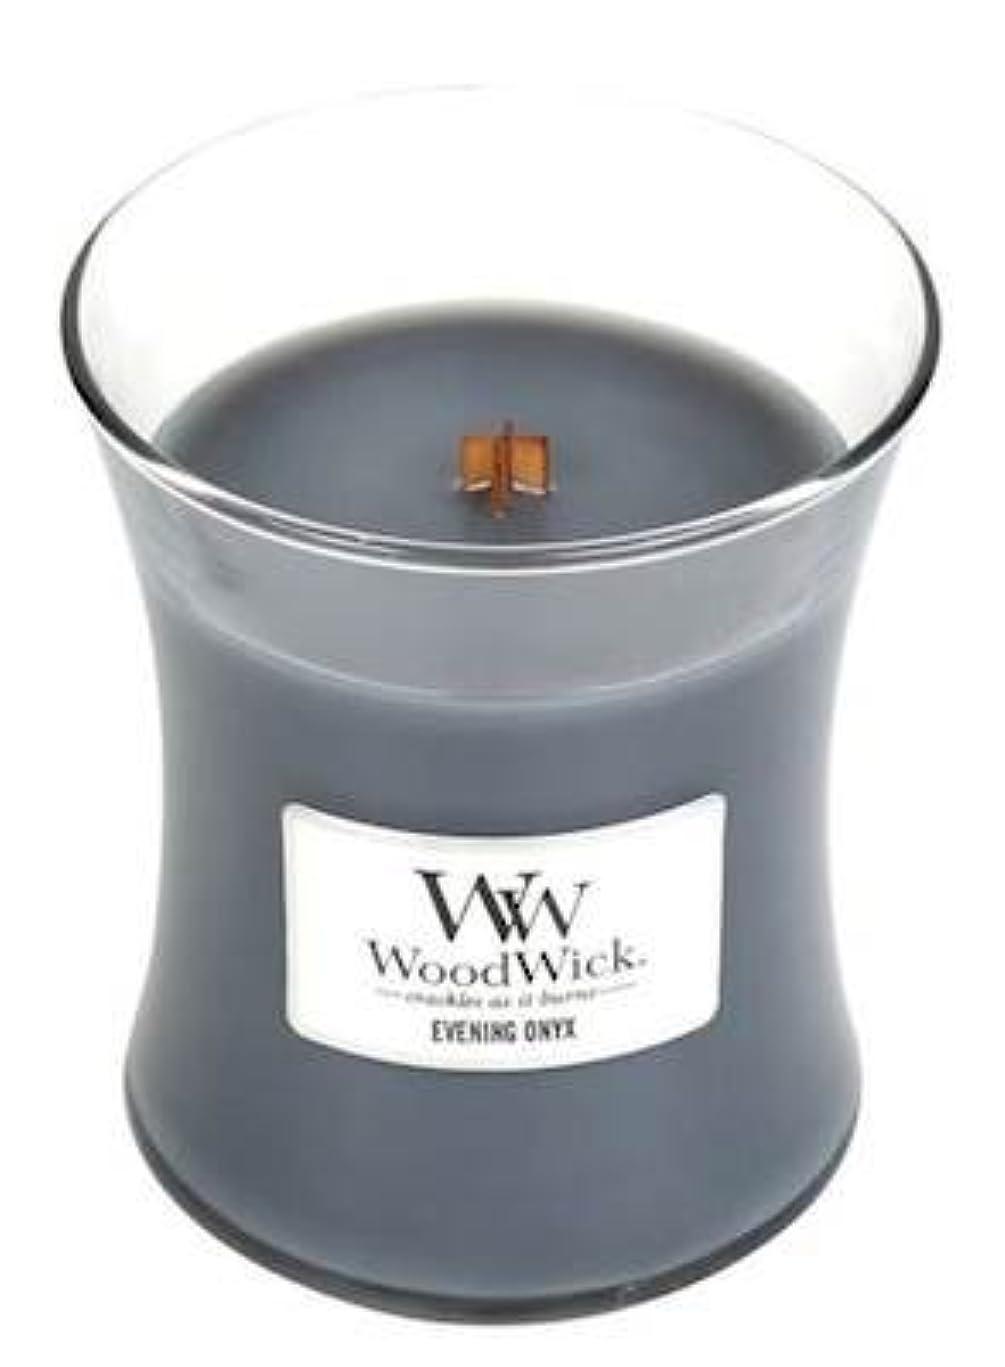 イブニングオニキスWoodWick 10 oz Medium砂時計Jar Candle Burns 100時間